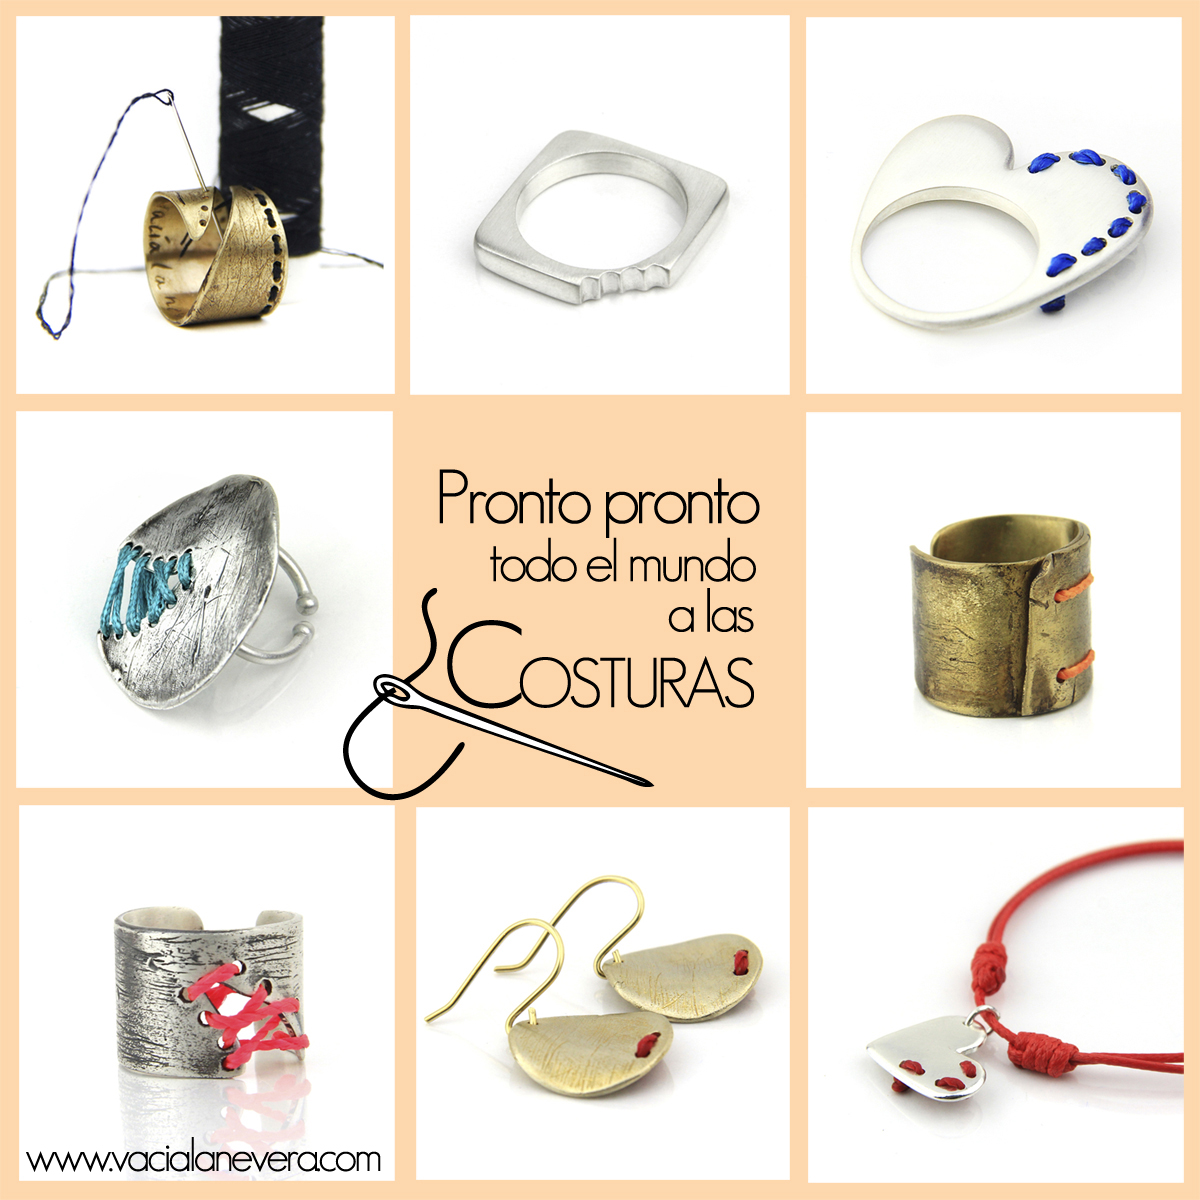 Colección de Joyas Las Costuras